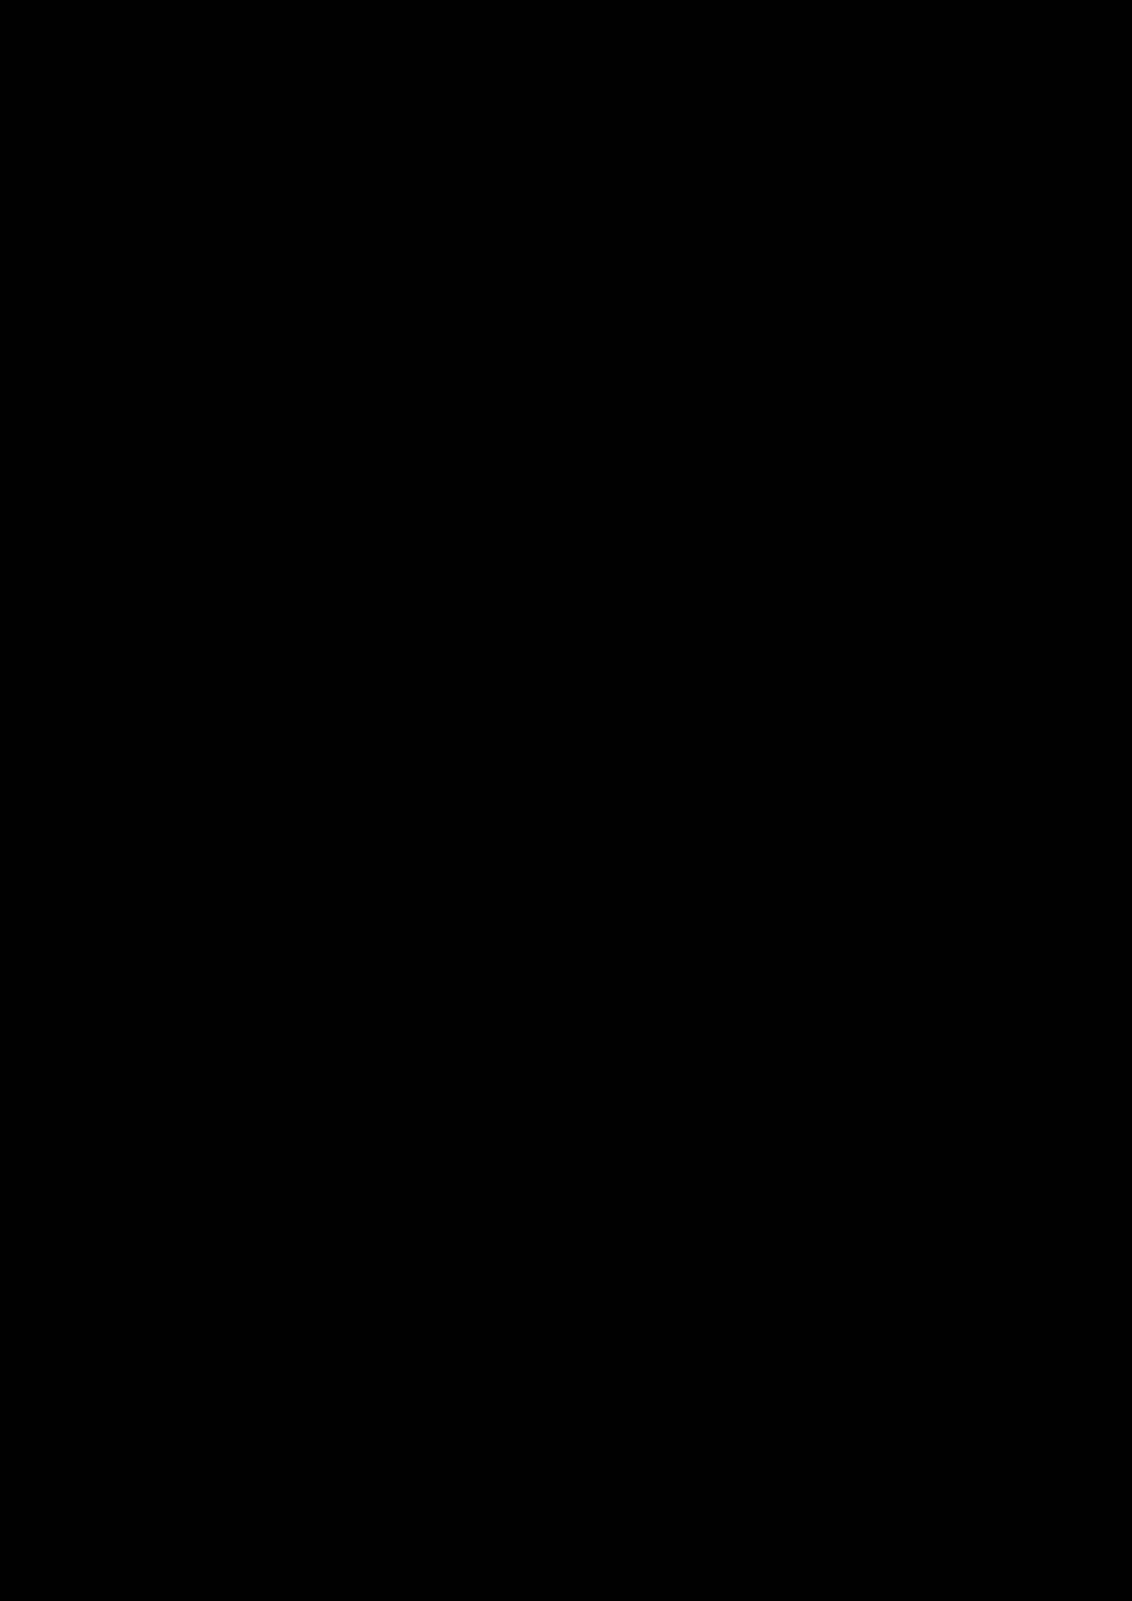 Proschanie s volshebnoy stranoy slide, Image 87